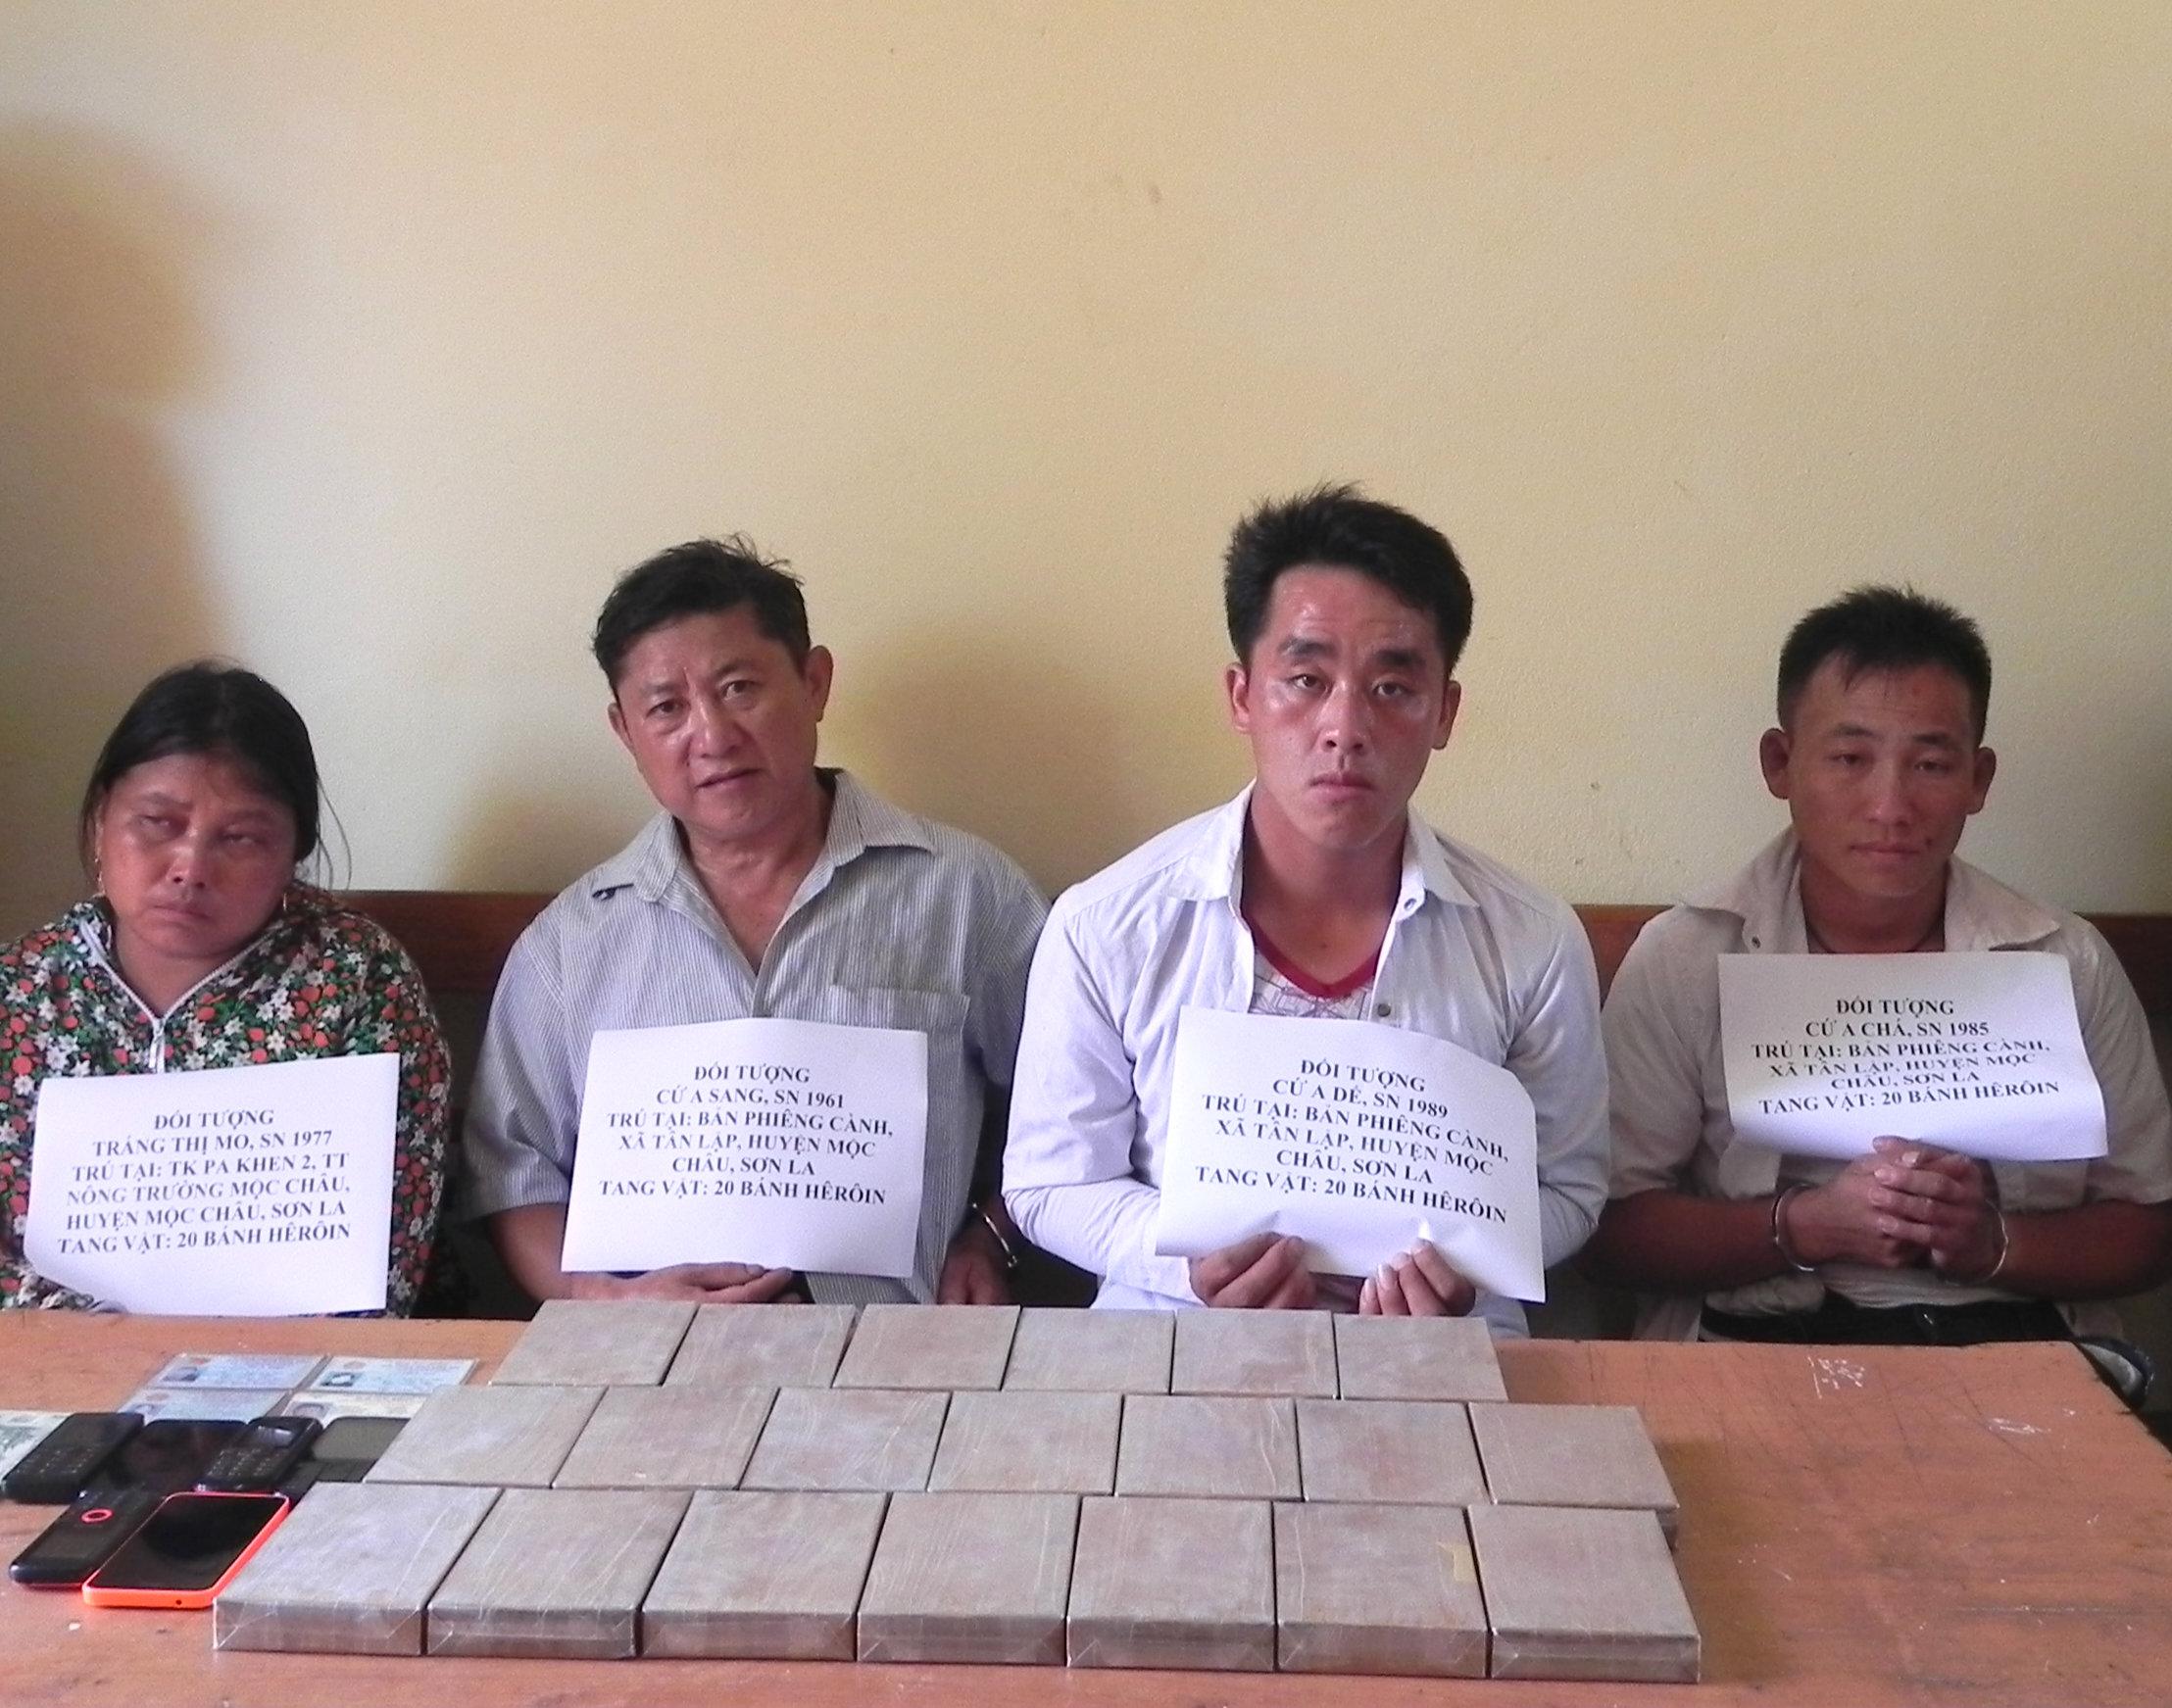 'Hạ nhiệt' điểm nóng ma túy ở Mộc Châu, Sơn La Ảnh 2